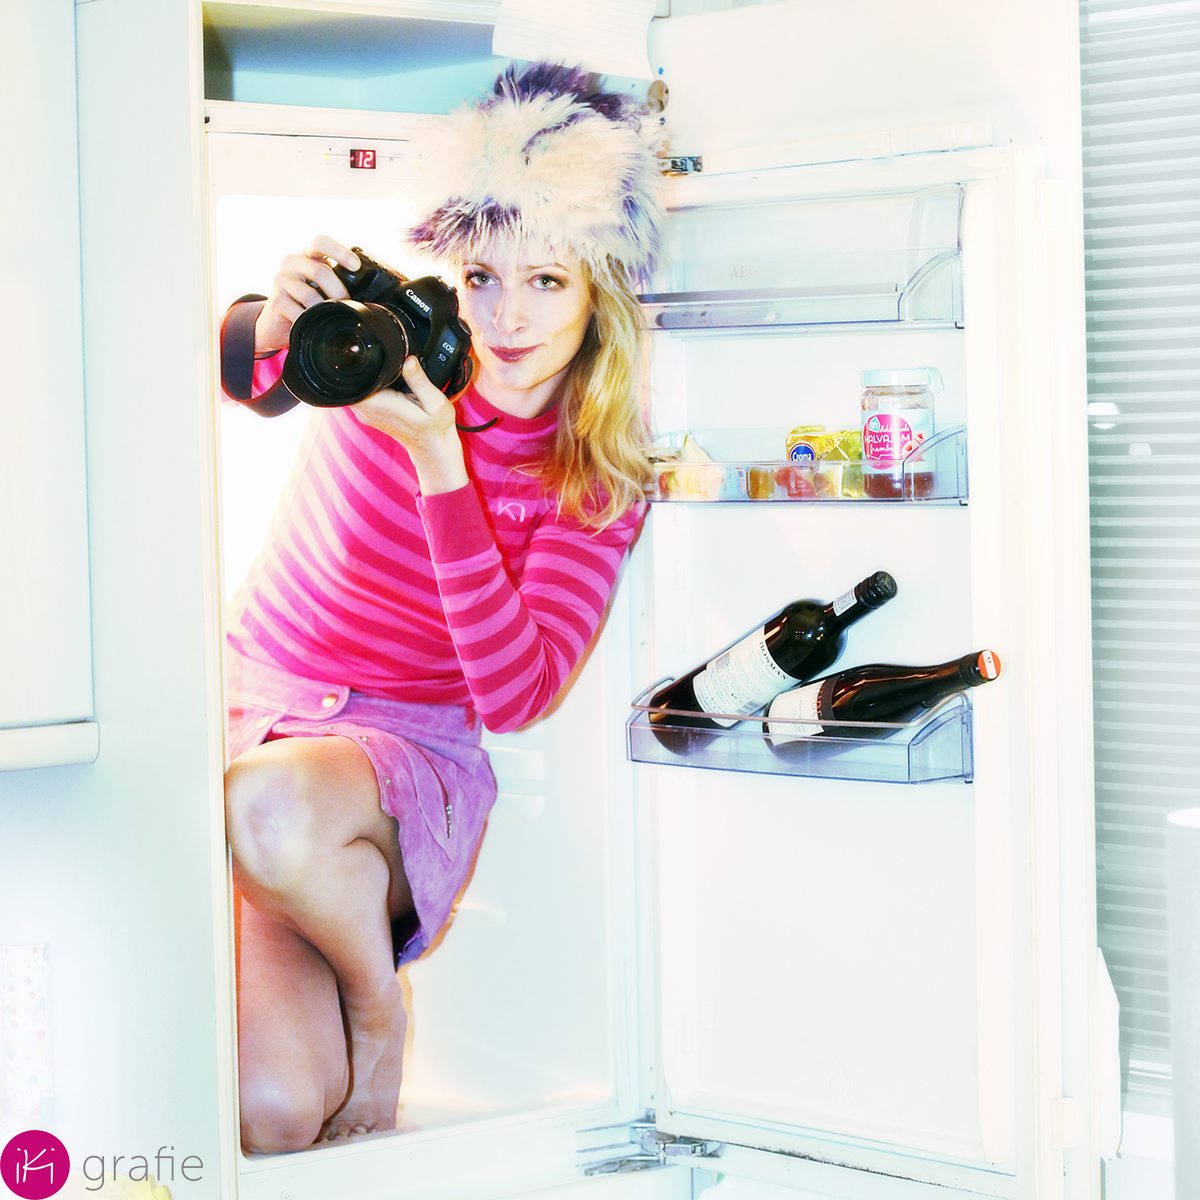 fdotograferen in de koelkast